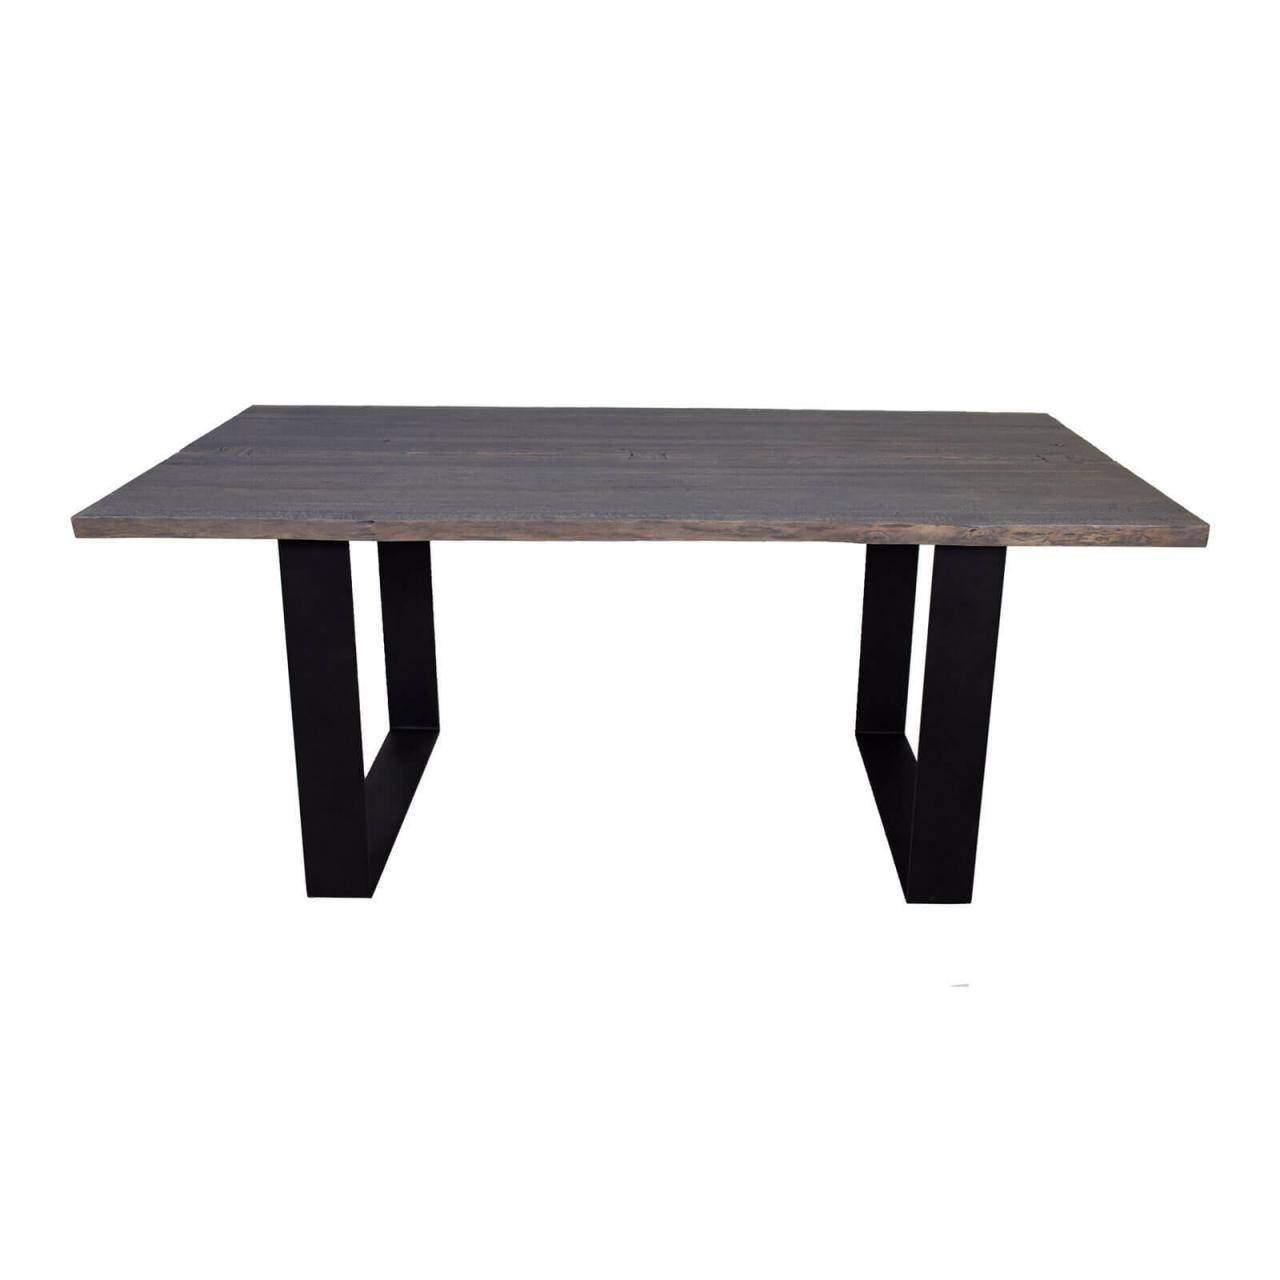 wohnzimmer tisch genial wohnzimmertisch 60 cm hoch design tipps von experten in of wohnzimmer tisch